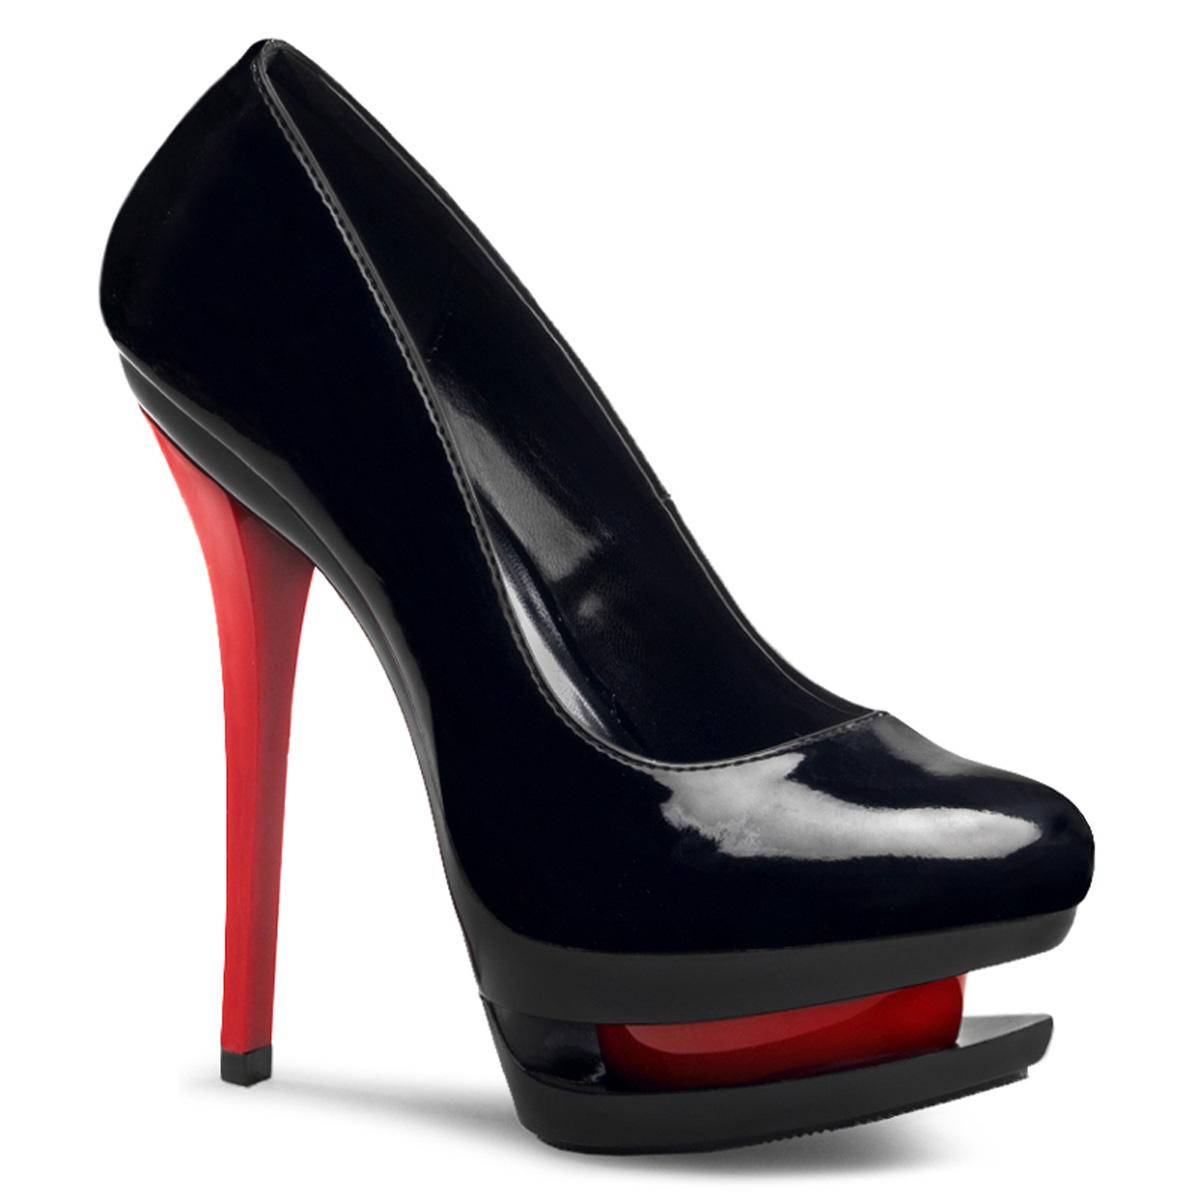 PLEASER Heel Blondie-685 Series 6